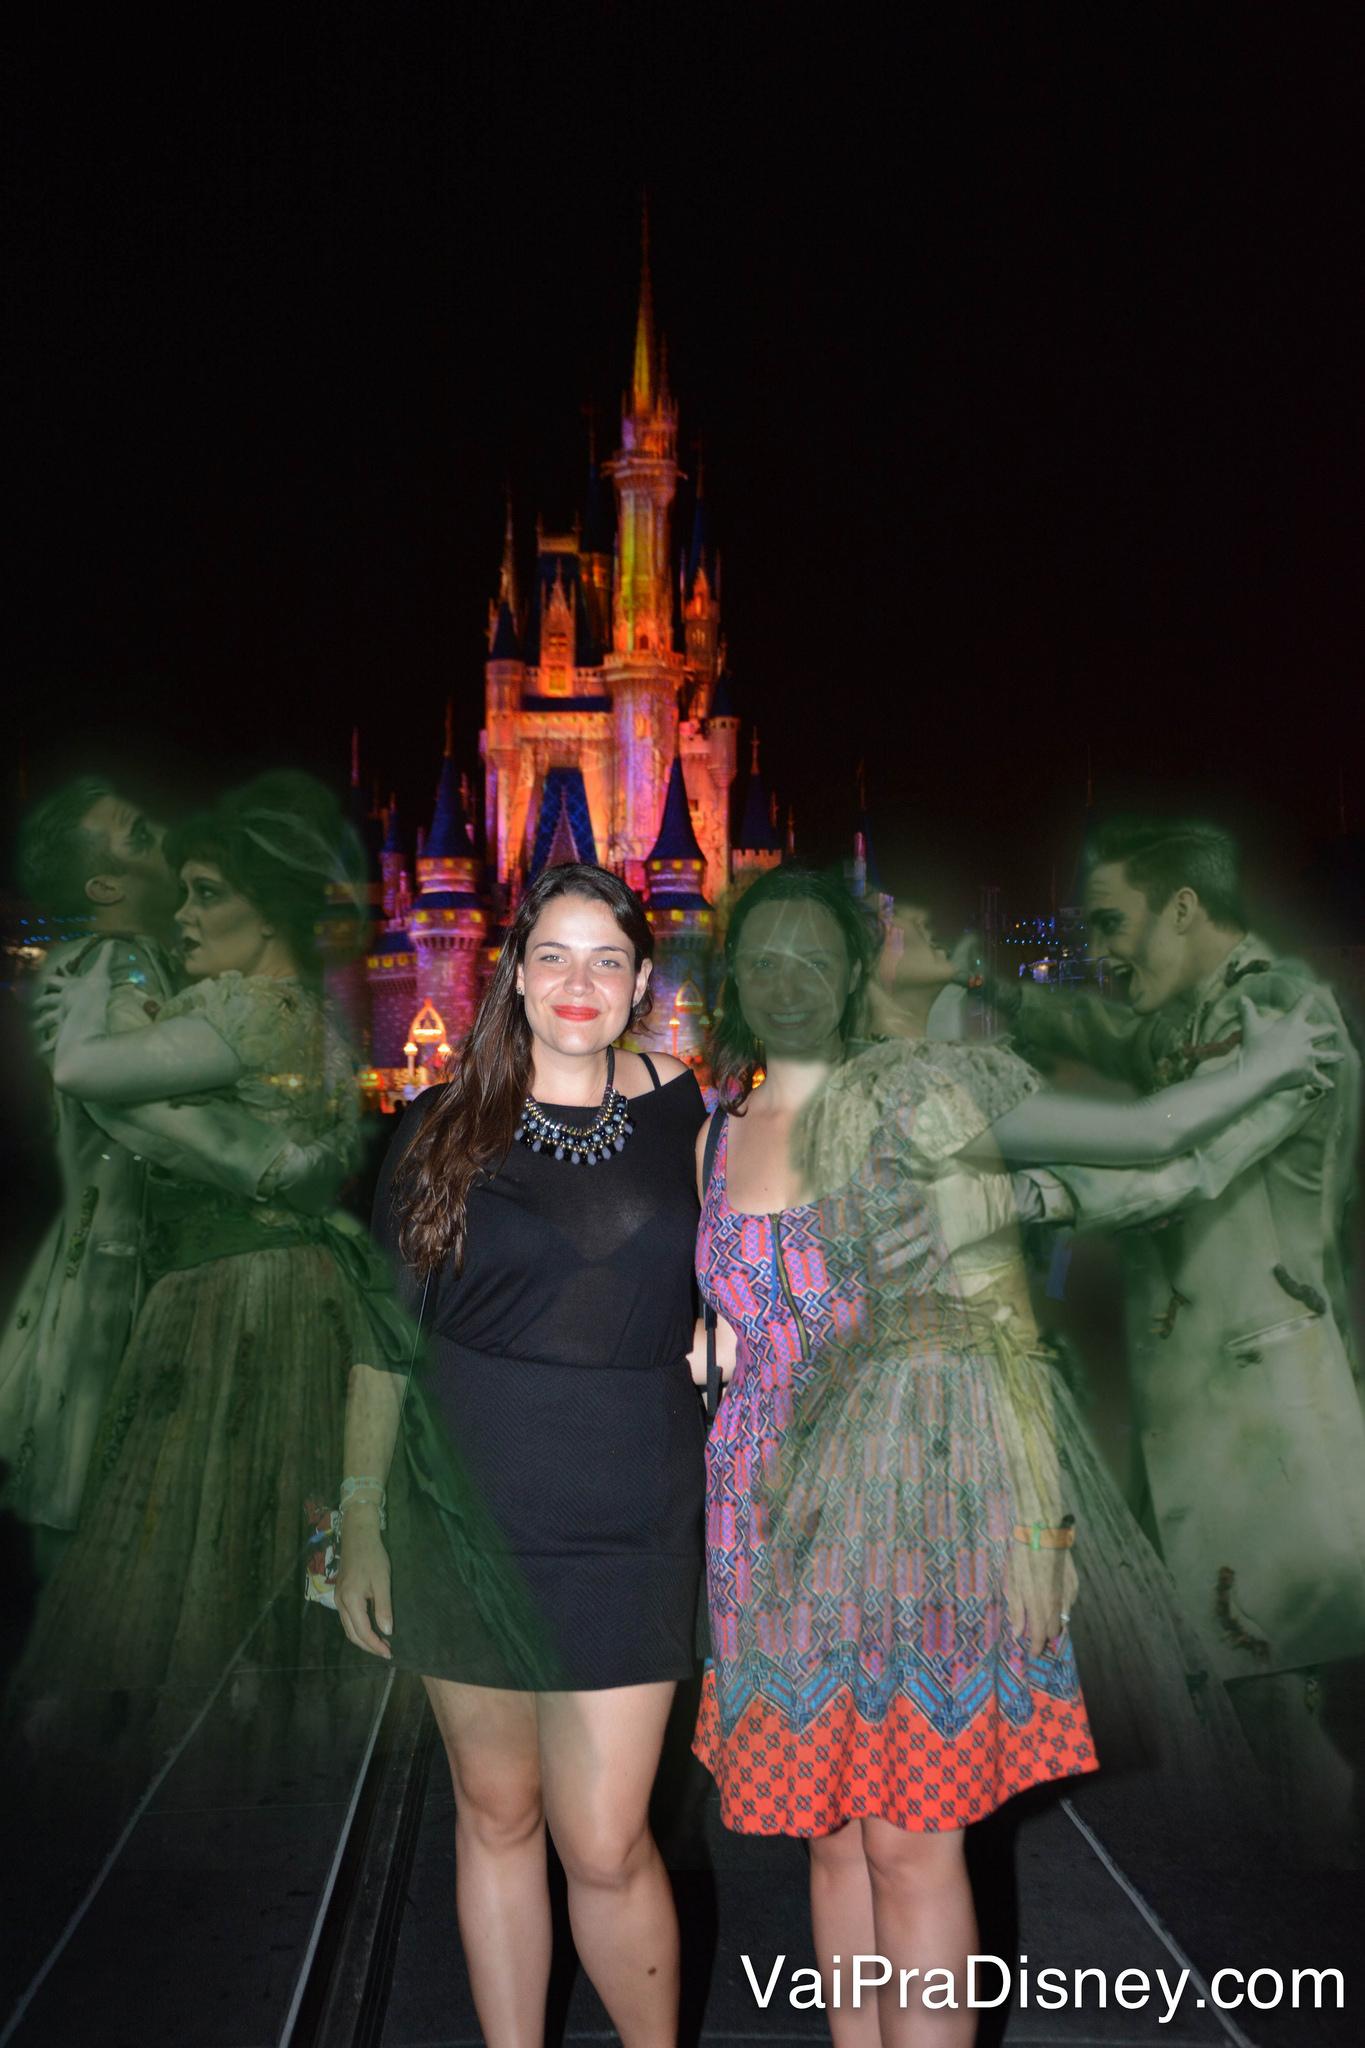 Você pode editar as fotos e colocar efeitos, como esse de Halloween da foto da Re e da Bia. Foto da Bia e da Renata em frente ao castelo da Cinderela com efeitos especiais de Halloween - dois casais de fantasmas dançando na foto.